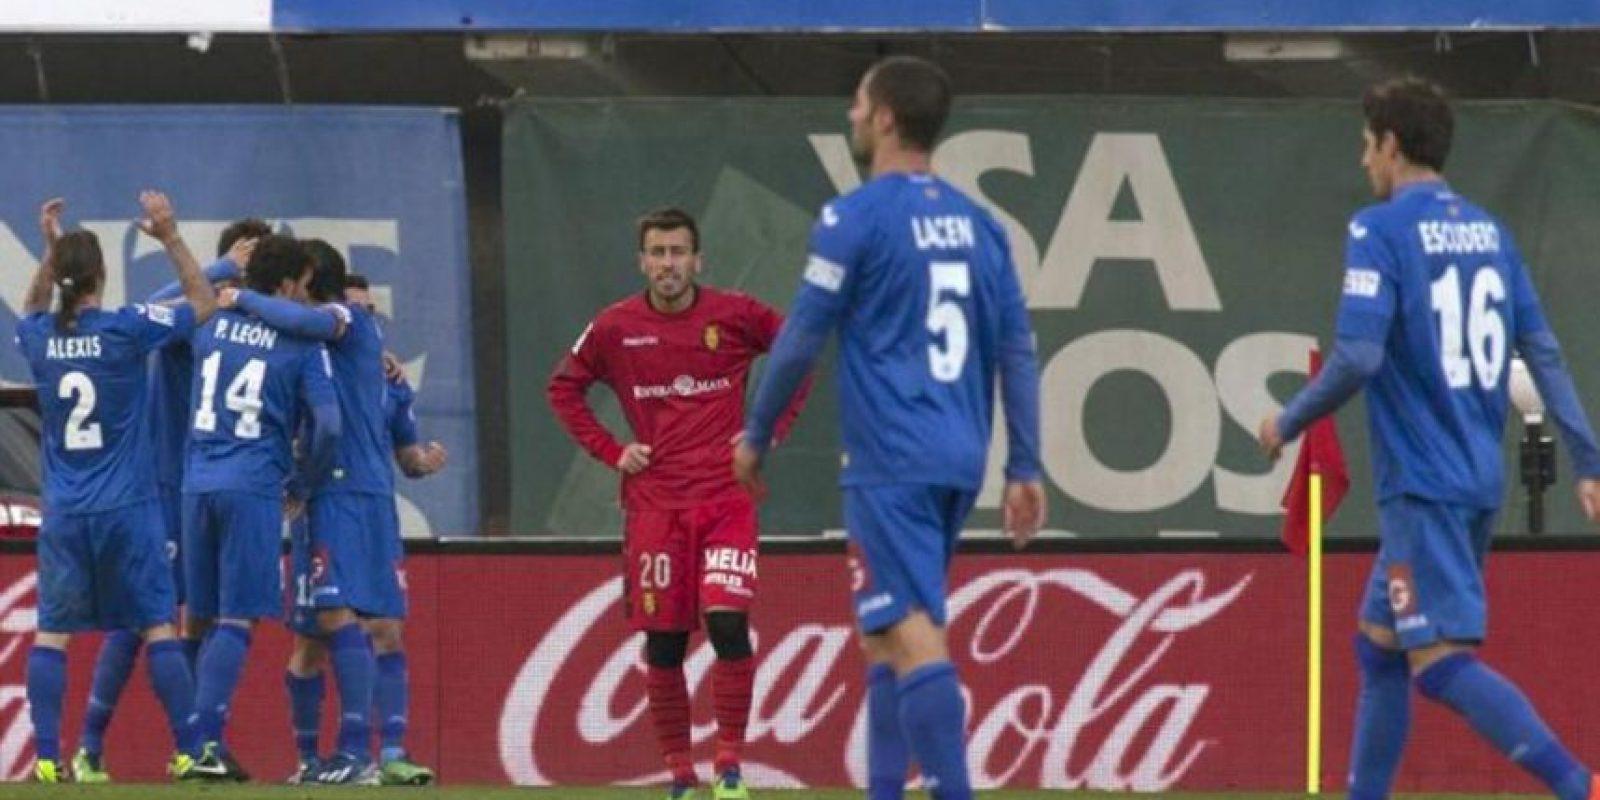 Los jugadores del Getafe celebran uno de los goles marcados al RCD Mallorca, durante el partido de la vigésimo quinta jornada de Liga de Primera División, disputado en el estadio Iberostar de Palma de Mallorca. EFE